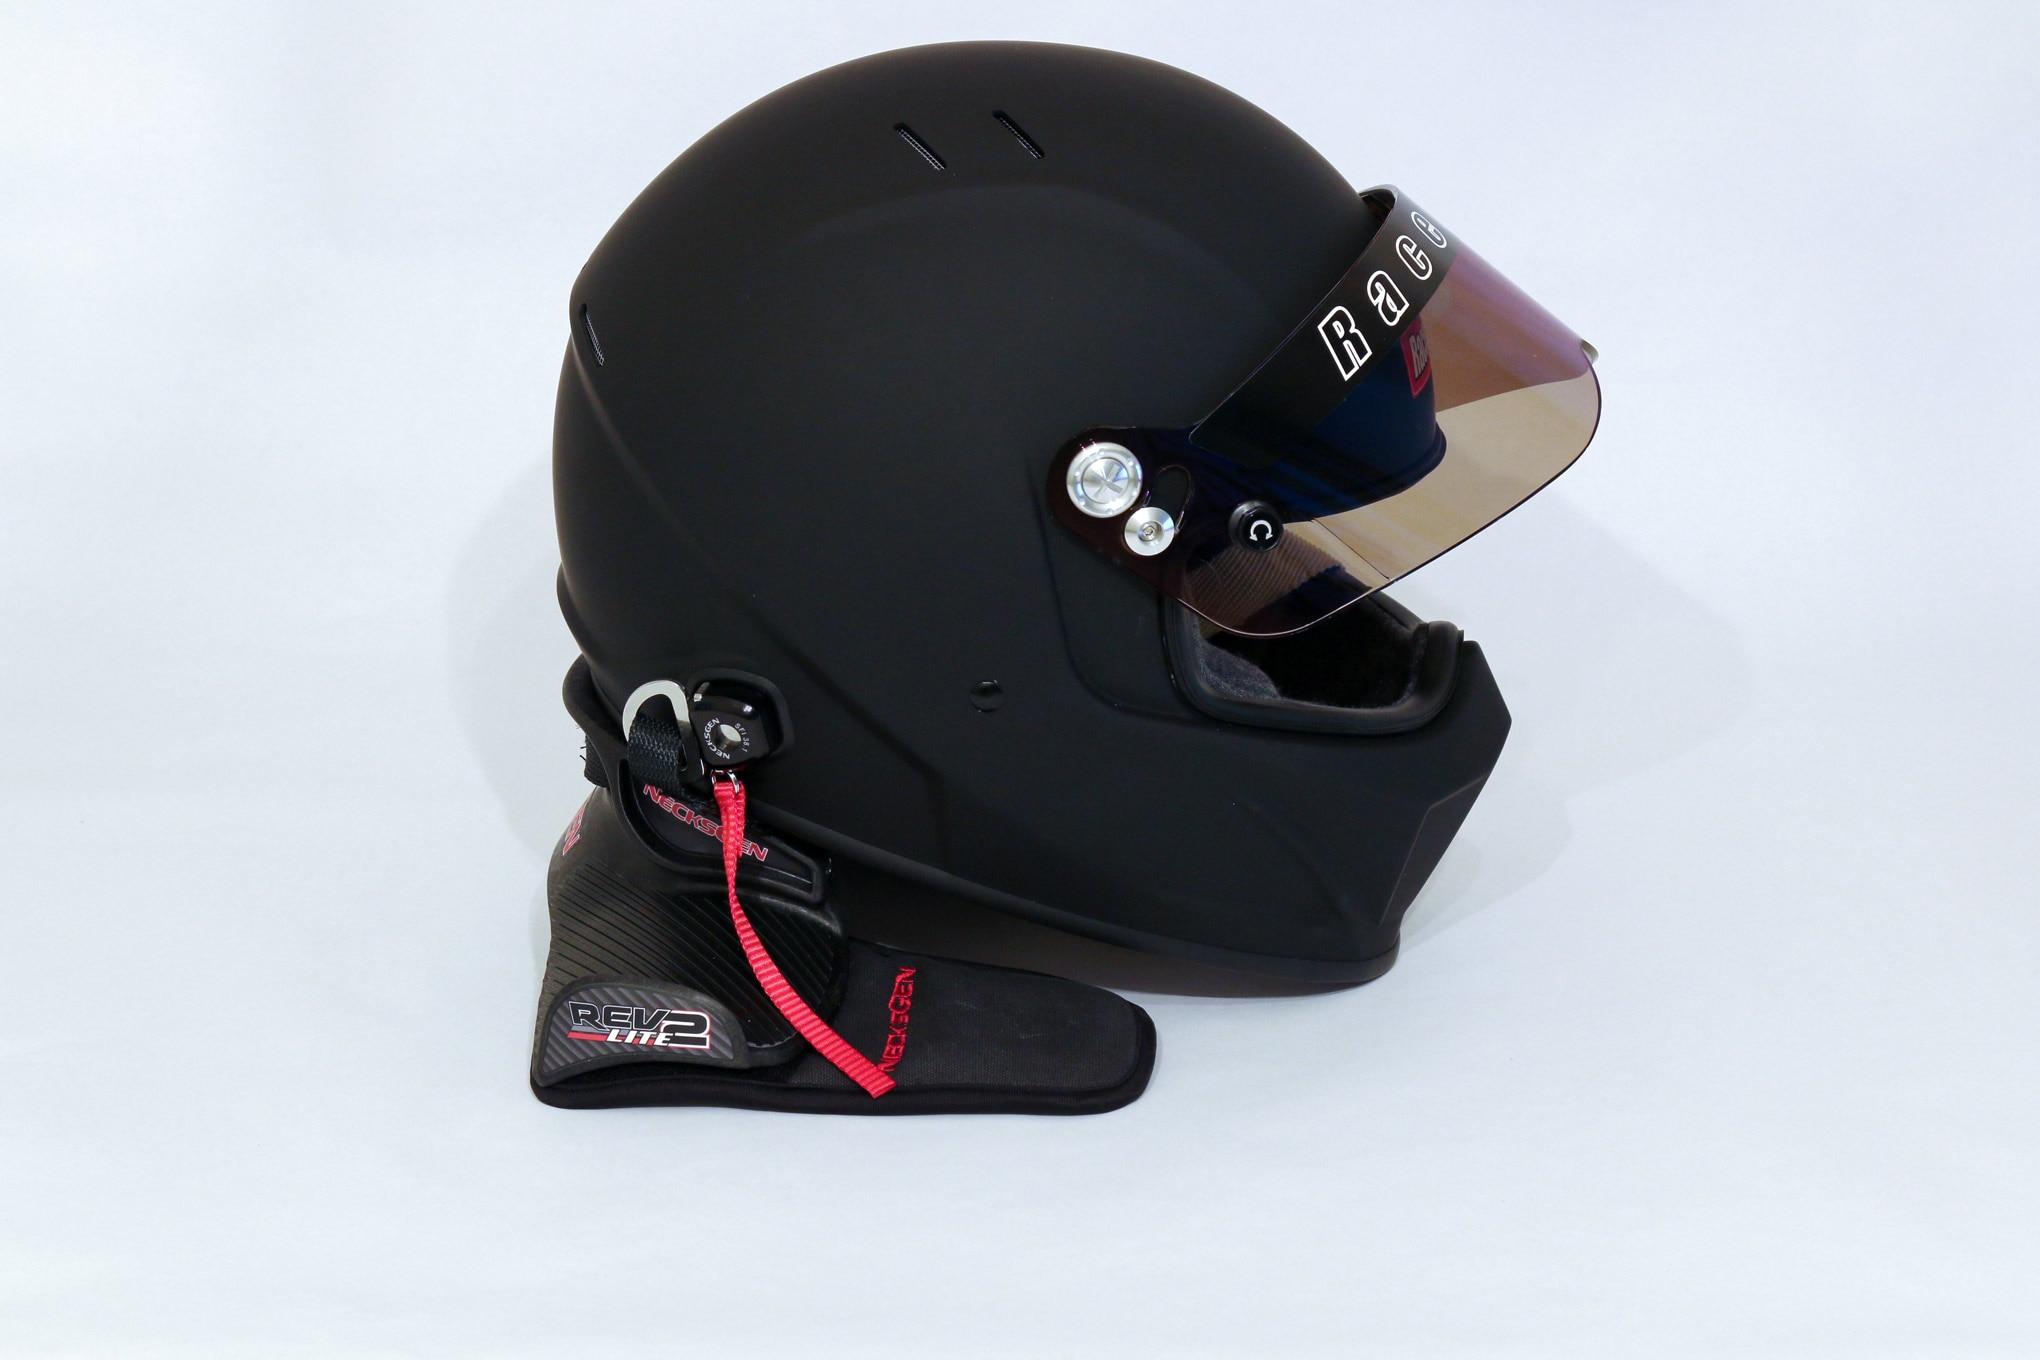 011 Racequip Helmet Vesta15 Necksgen